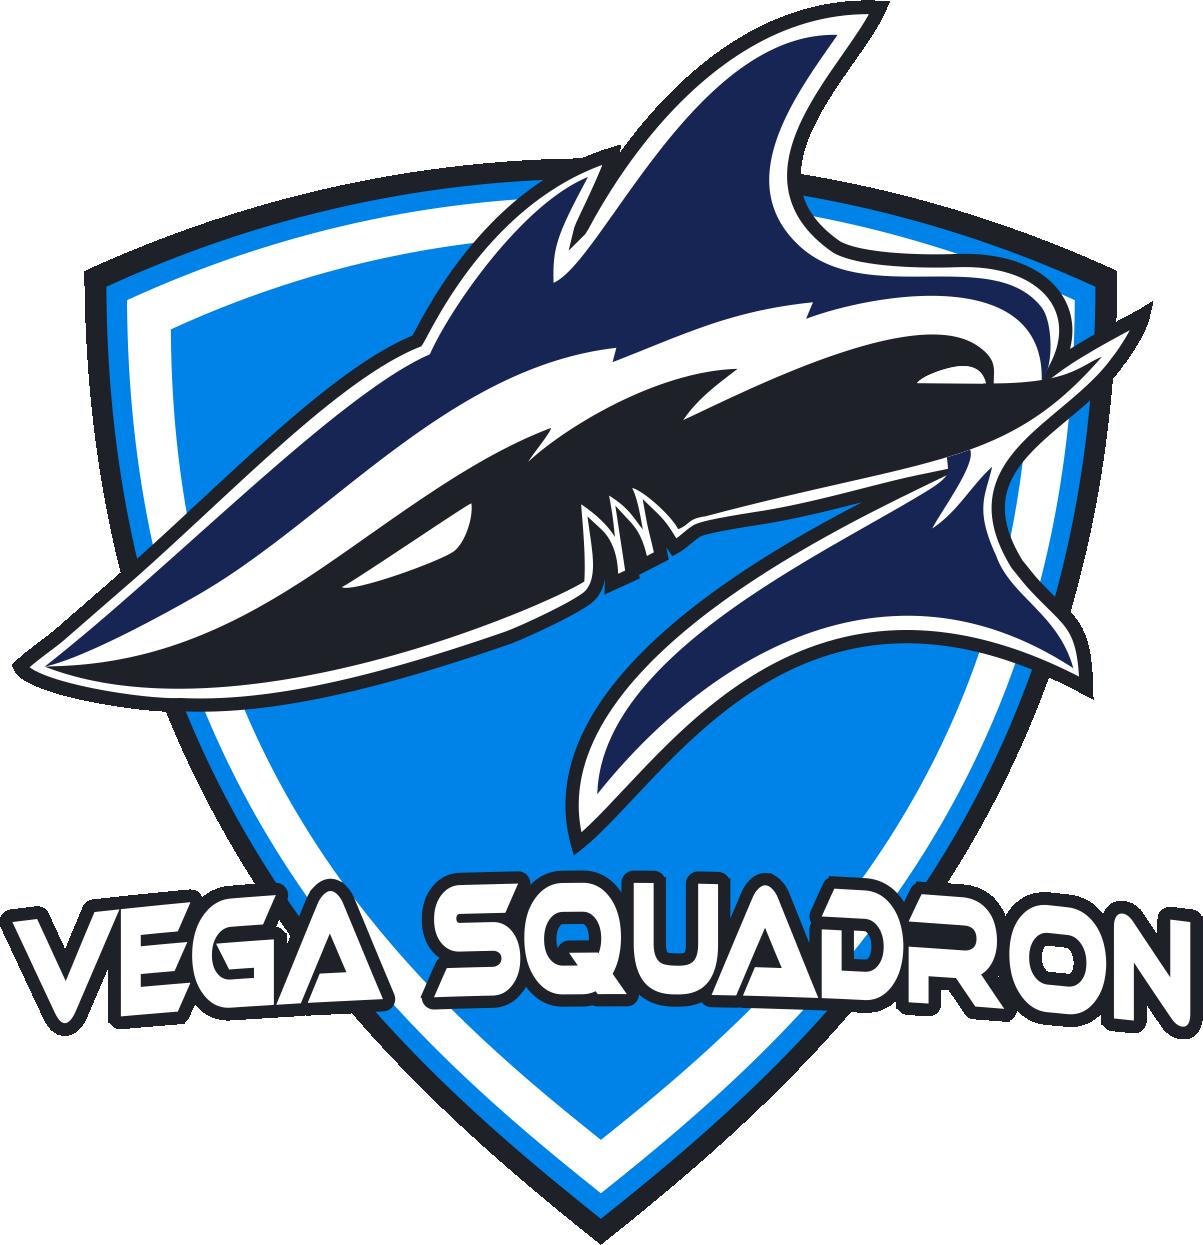 Vega Squadron League of Legends